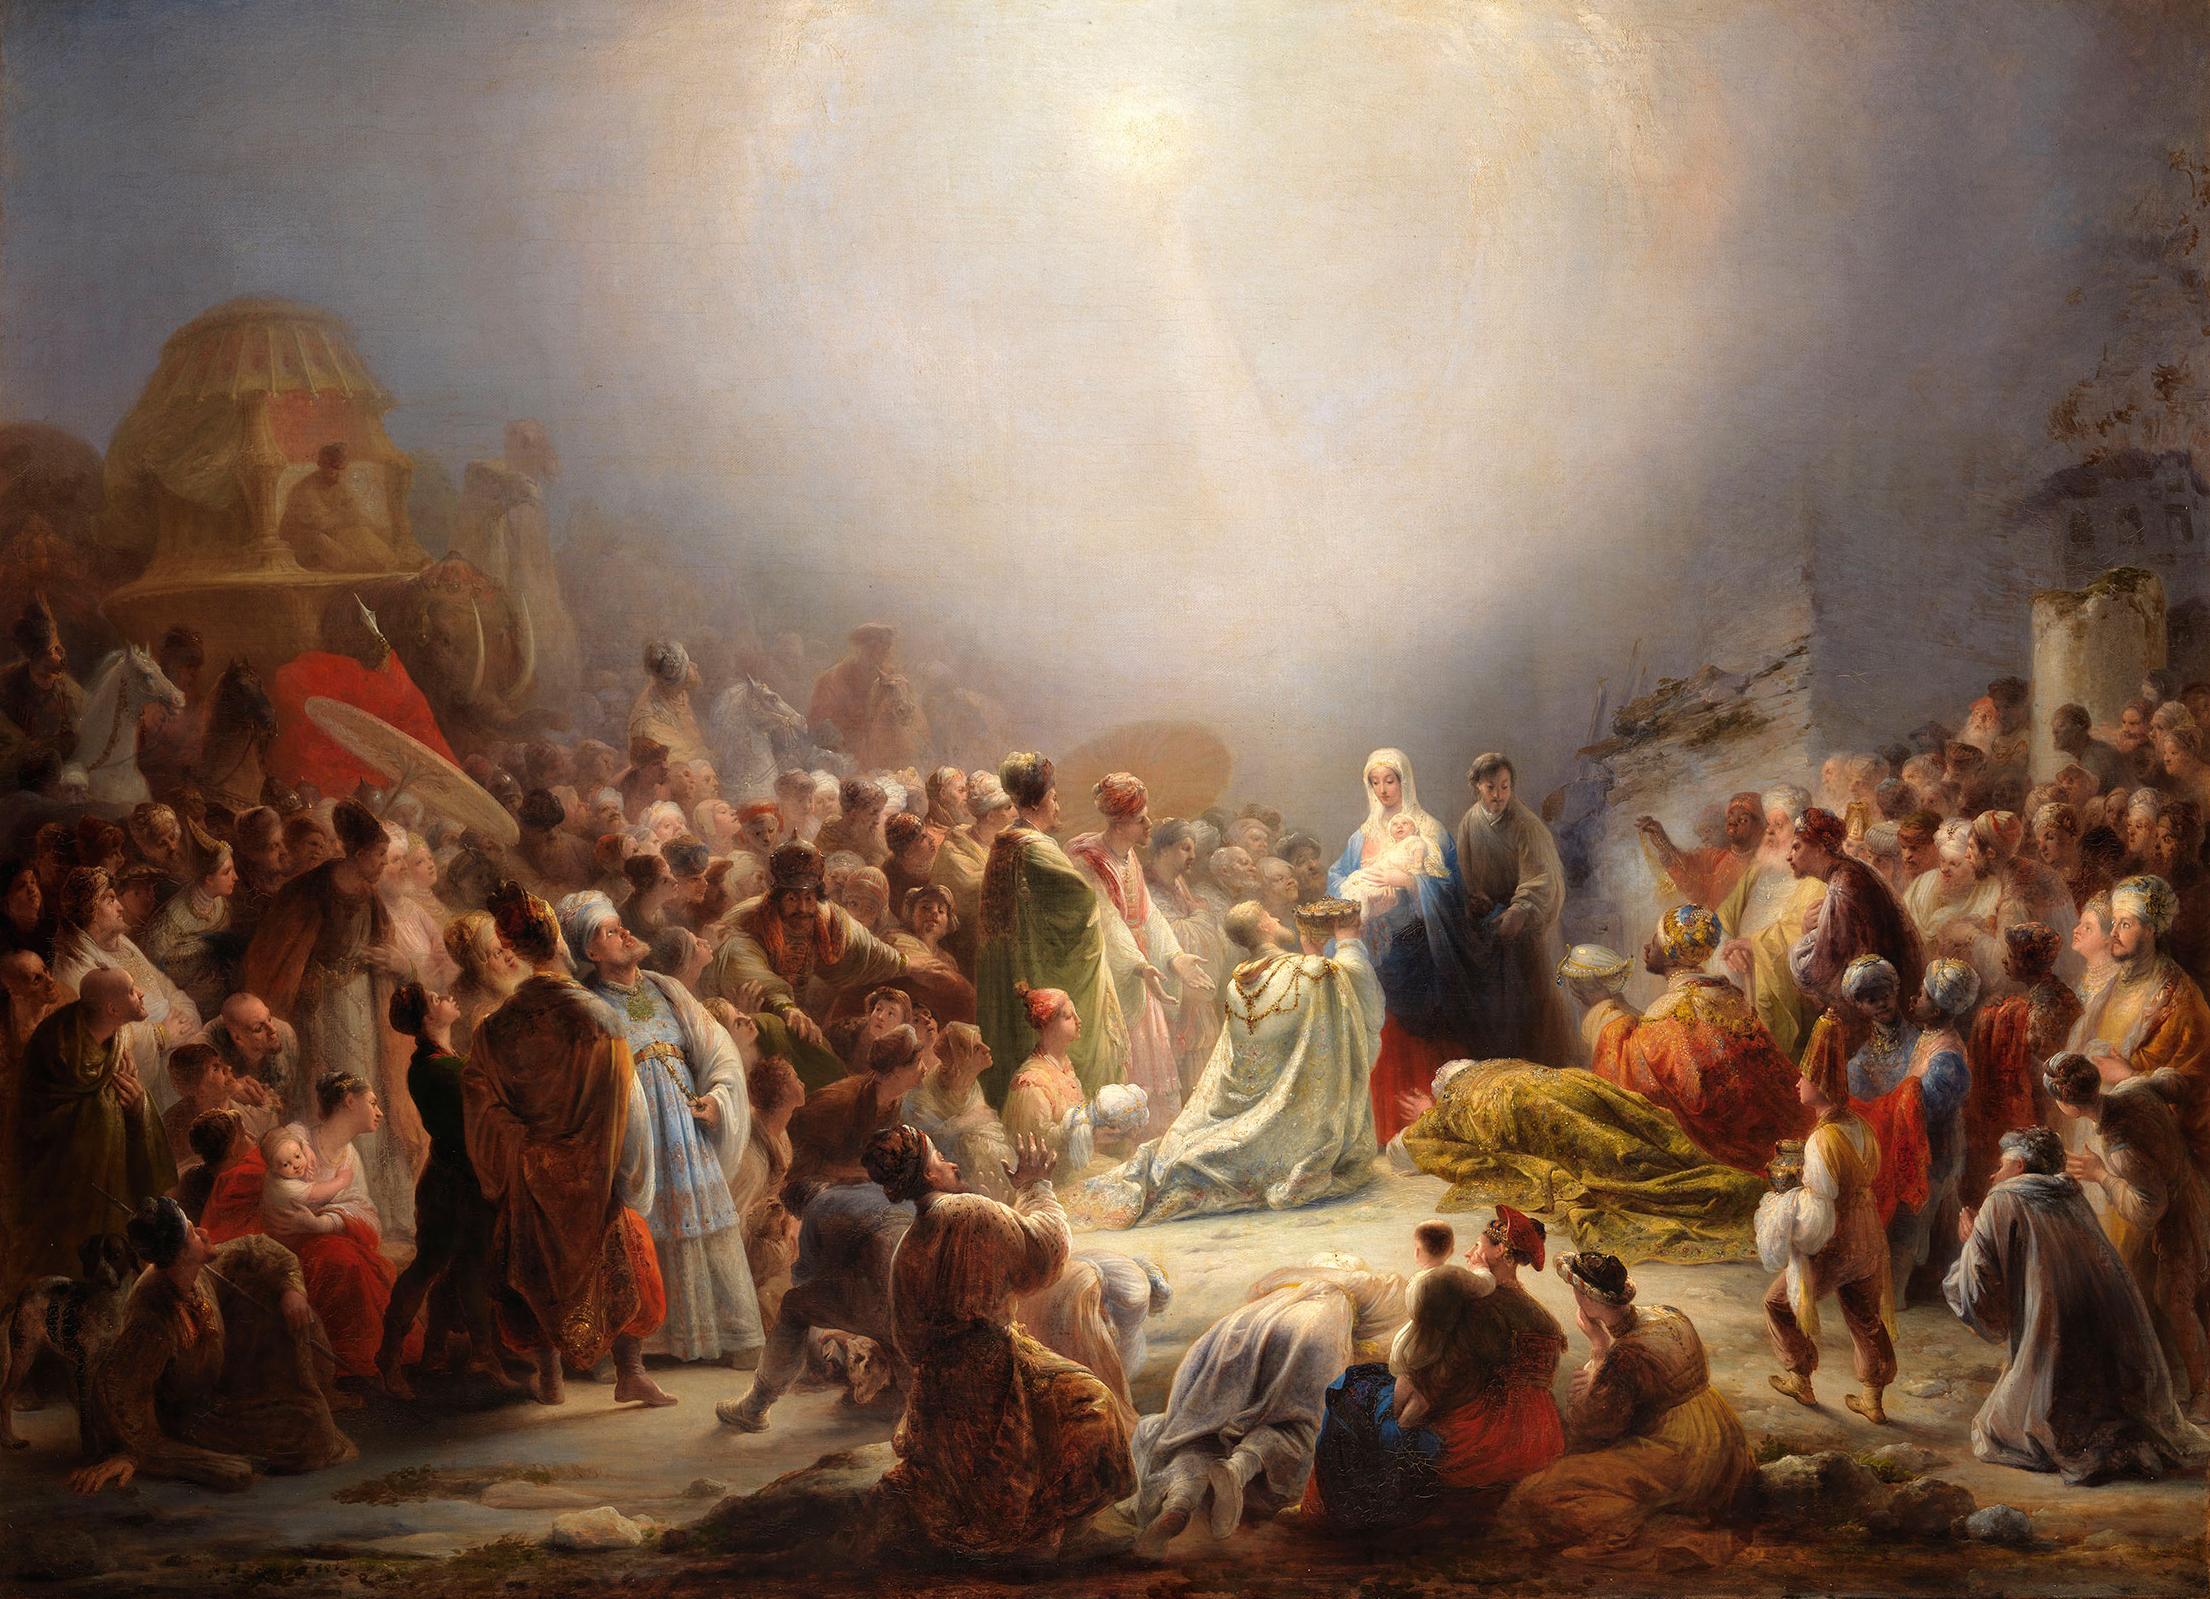 File:A Adoração dos Magos (1828) - Domingos Sequeira.png